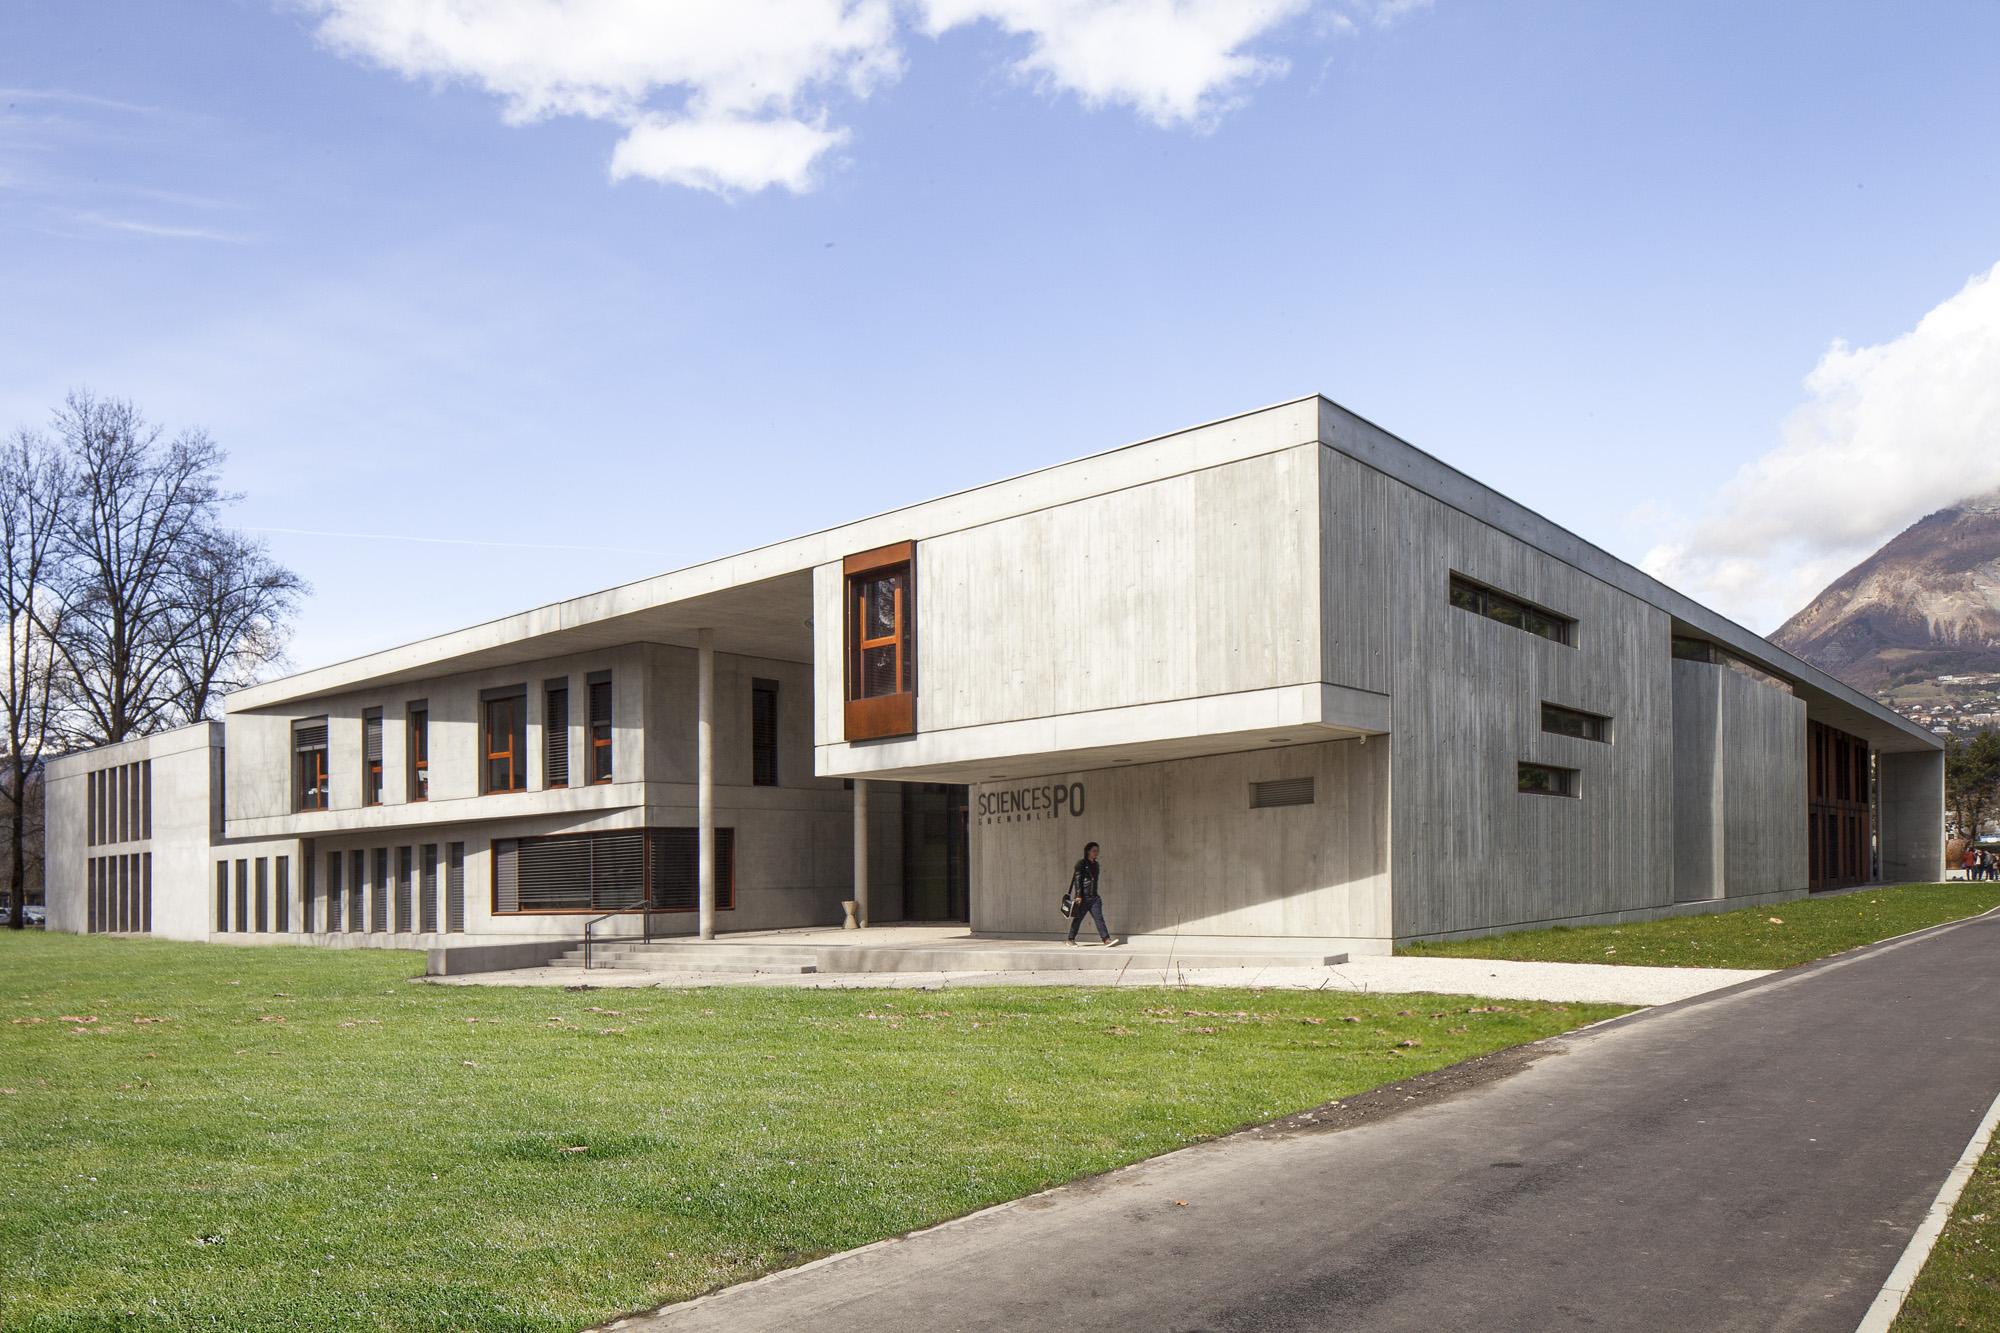 Science Po Grenoble Architecture photography fotografia architettura